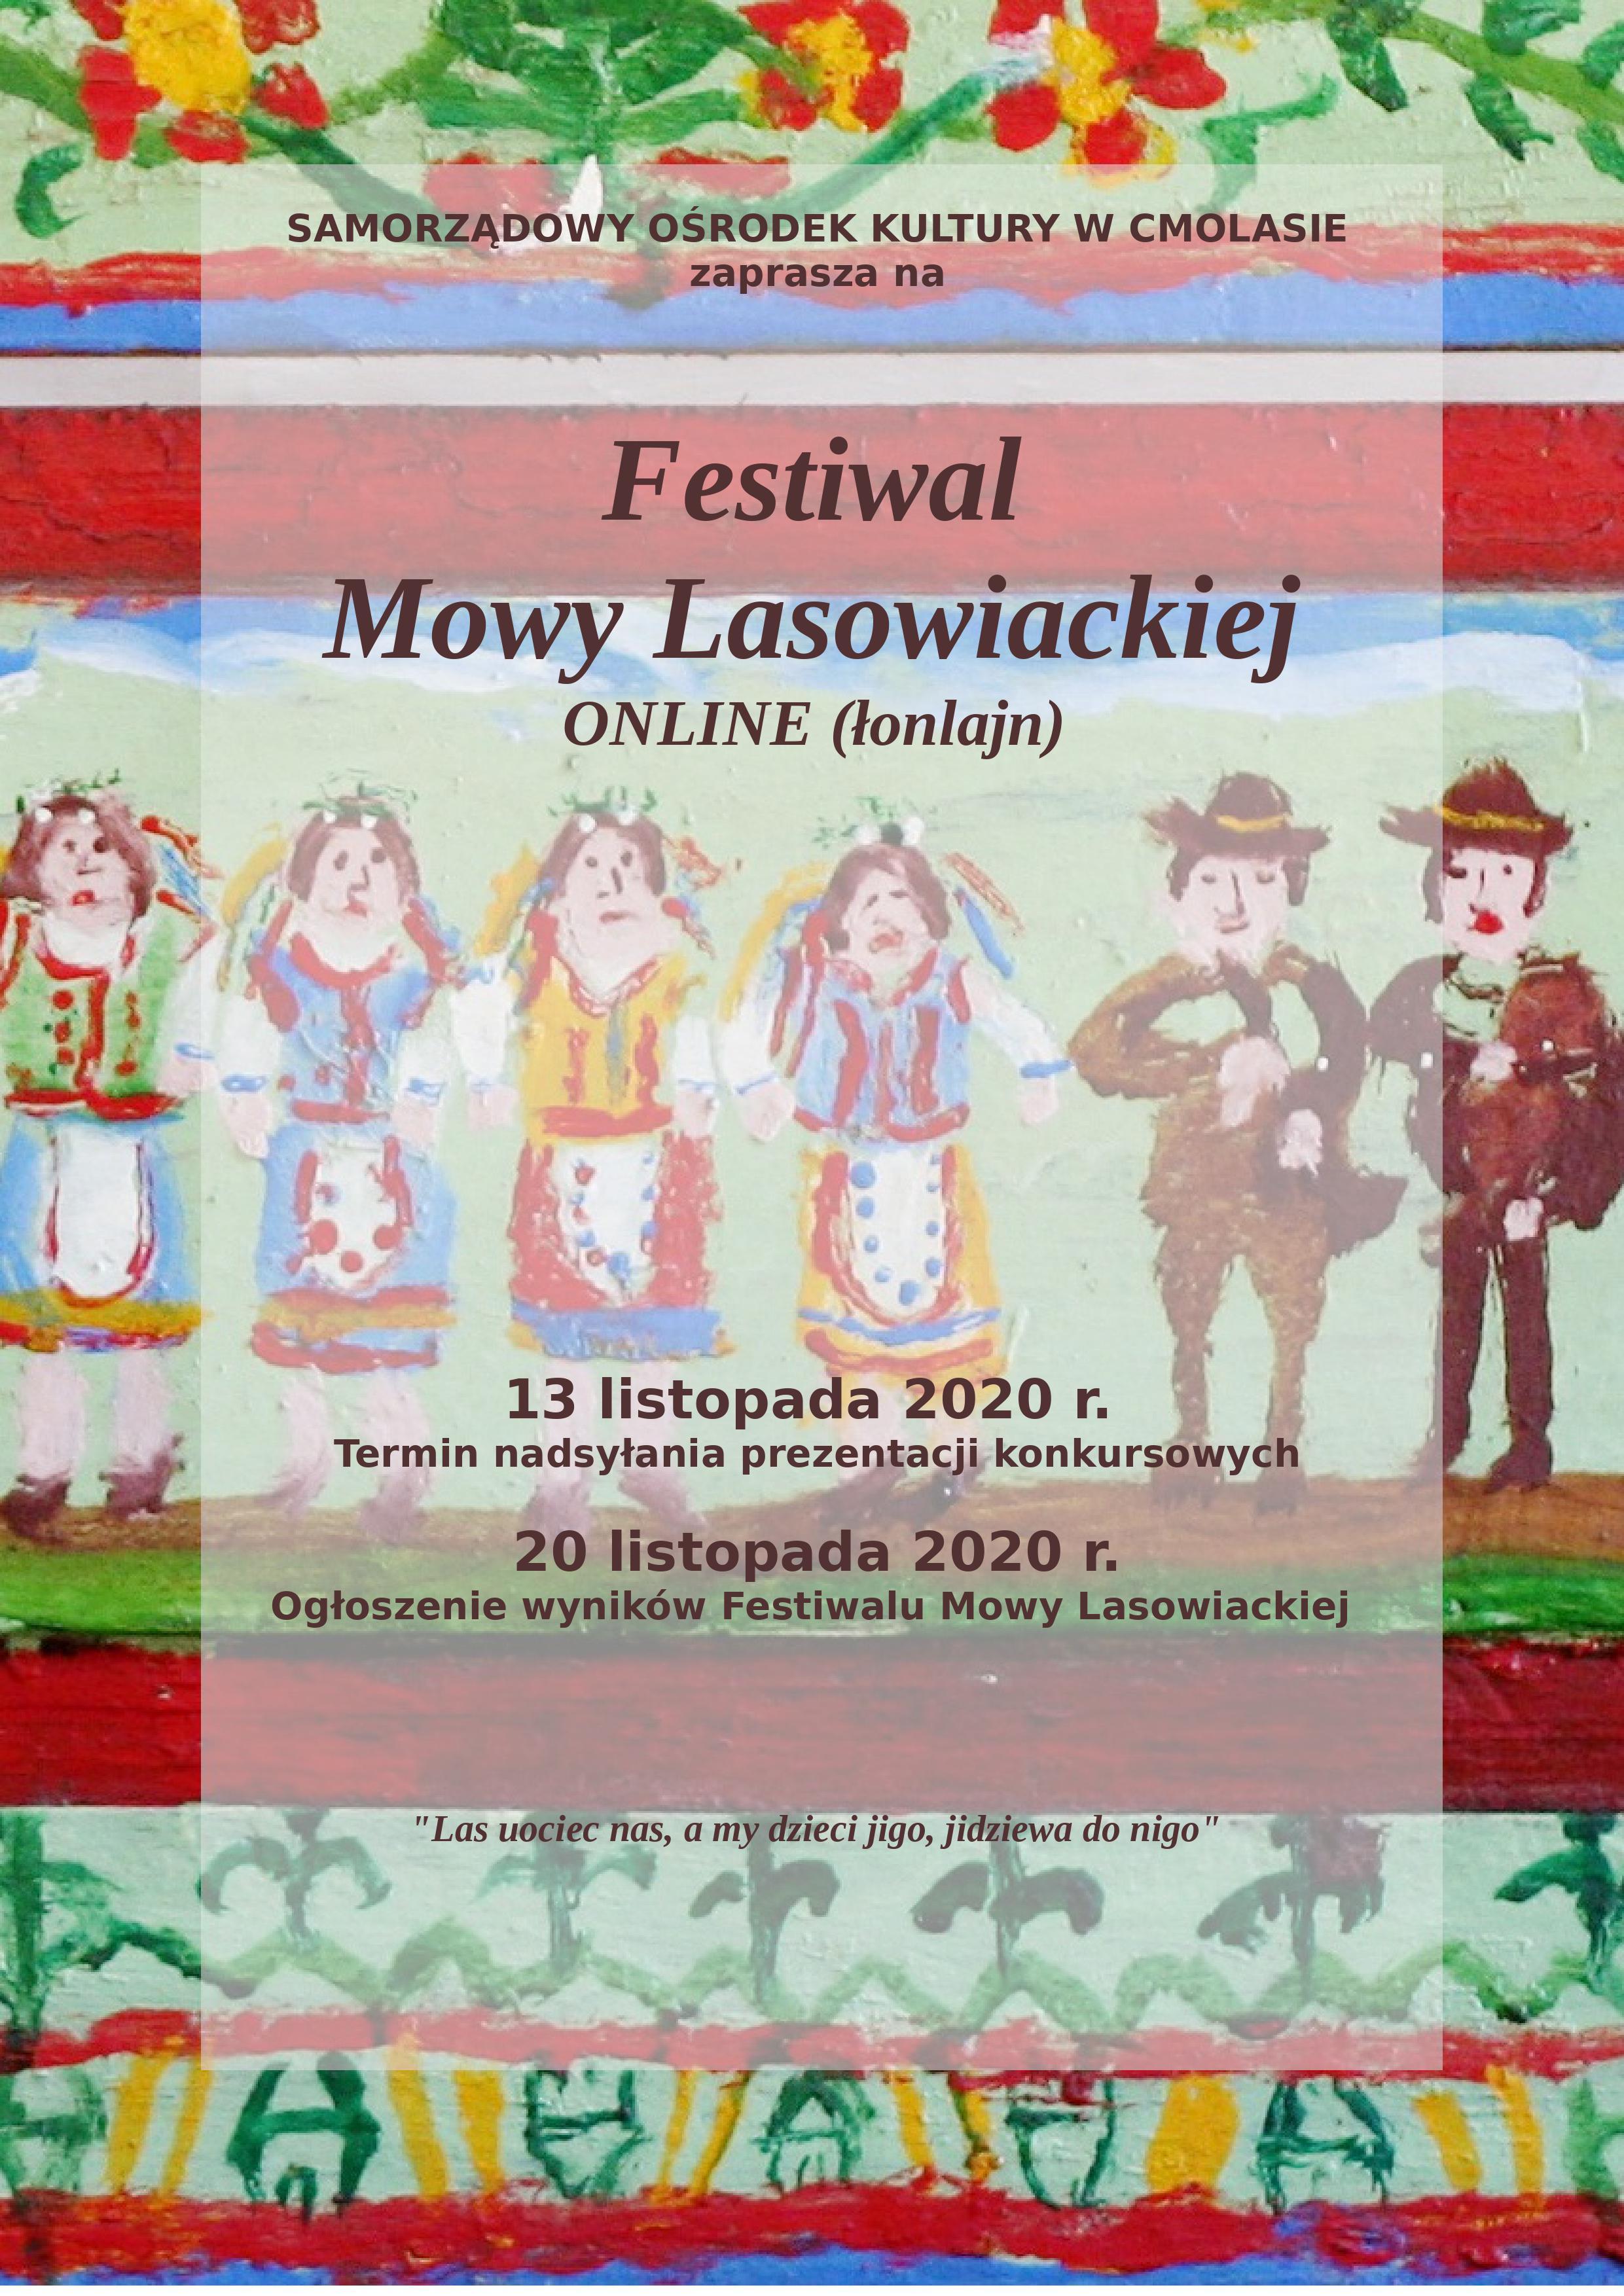 Festiwal Mowy Lasowiackiej w Cmolasie inny niż zwykle. Sprawdź szczegóły [PLAKAT] - Zdjęcie główne